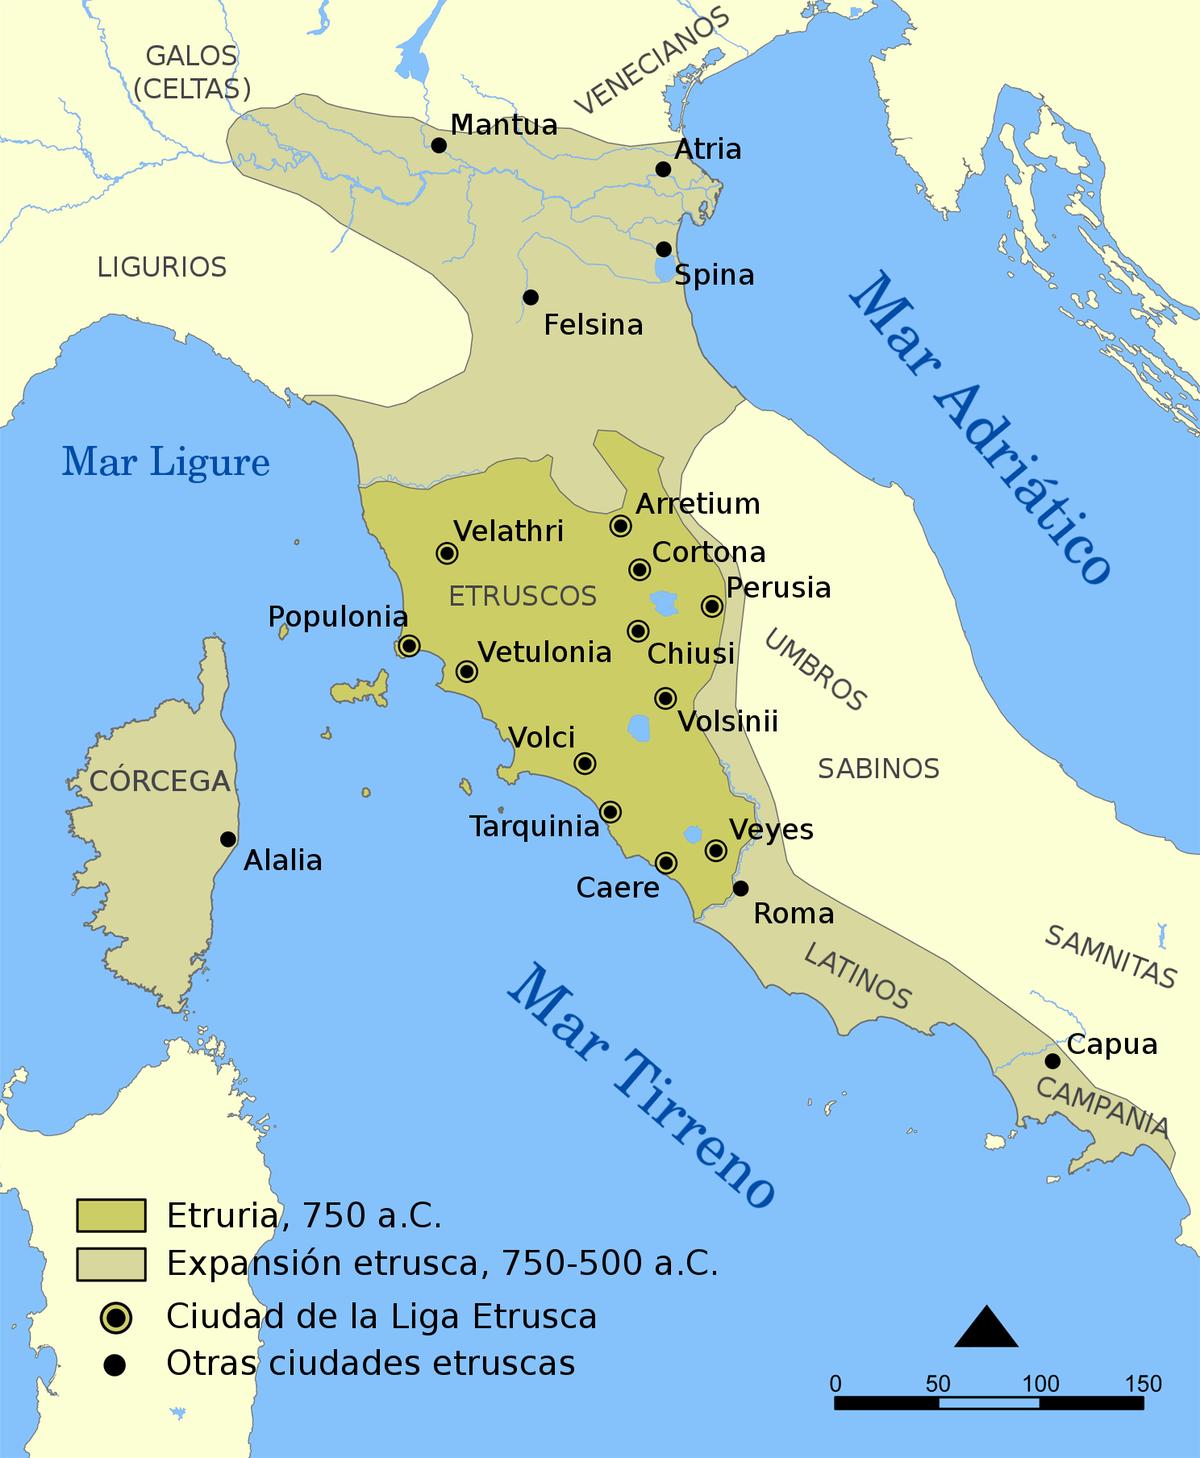 Etruscos wikipedia la enciclopedia libre for Politica italiana wikipedia